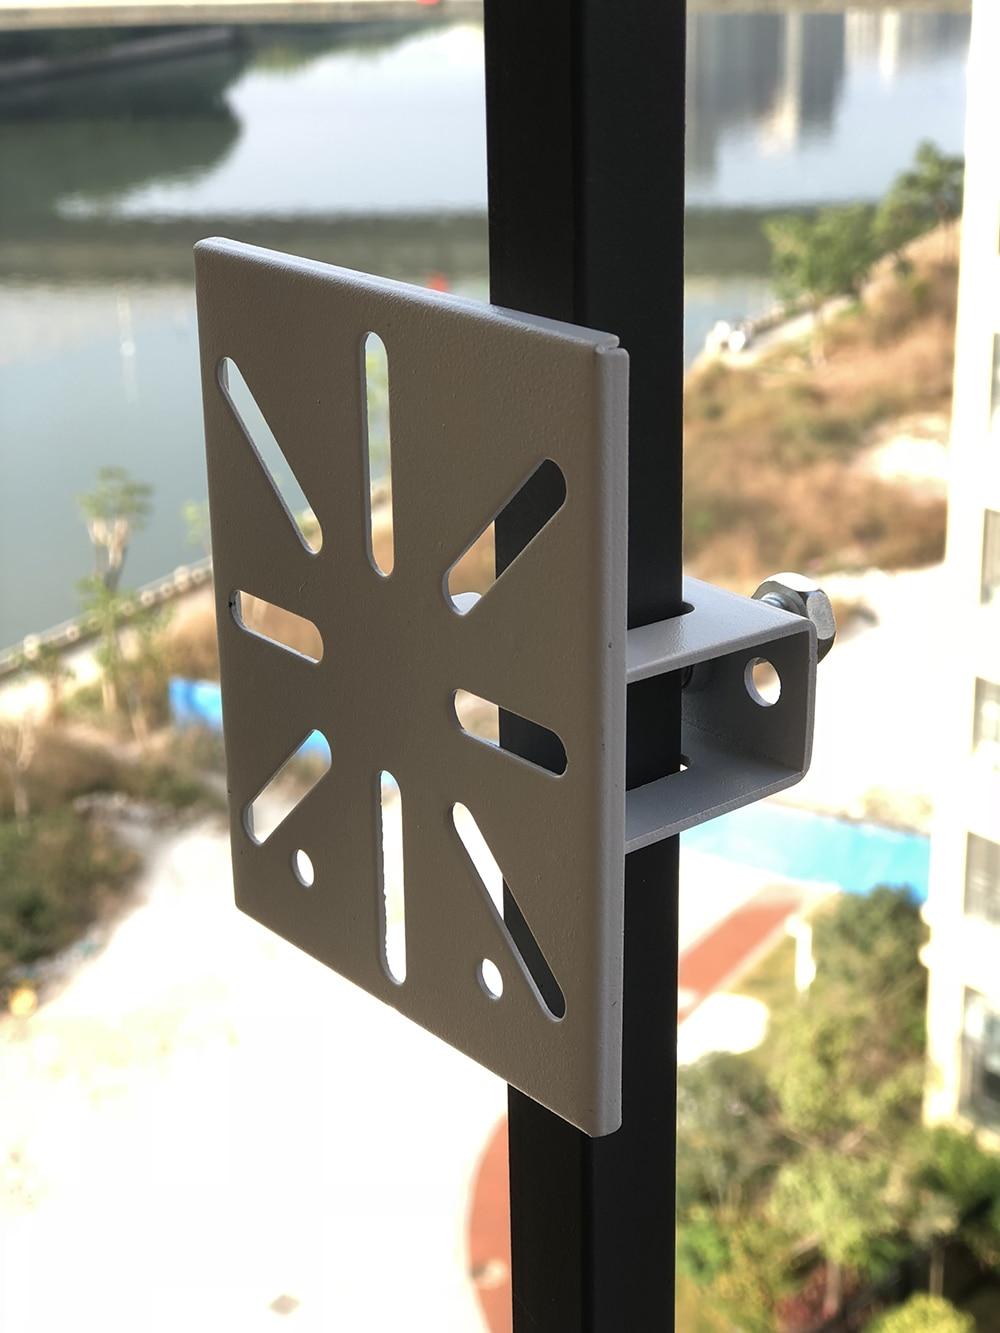 Стойка для наружного видеонаблюдения OwlCat высокое качество толщина 2 см